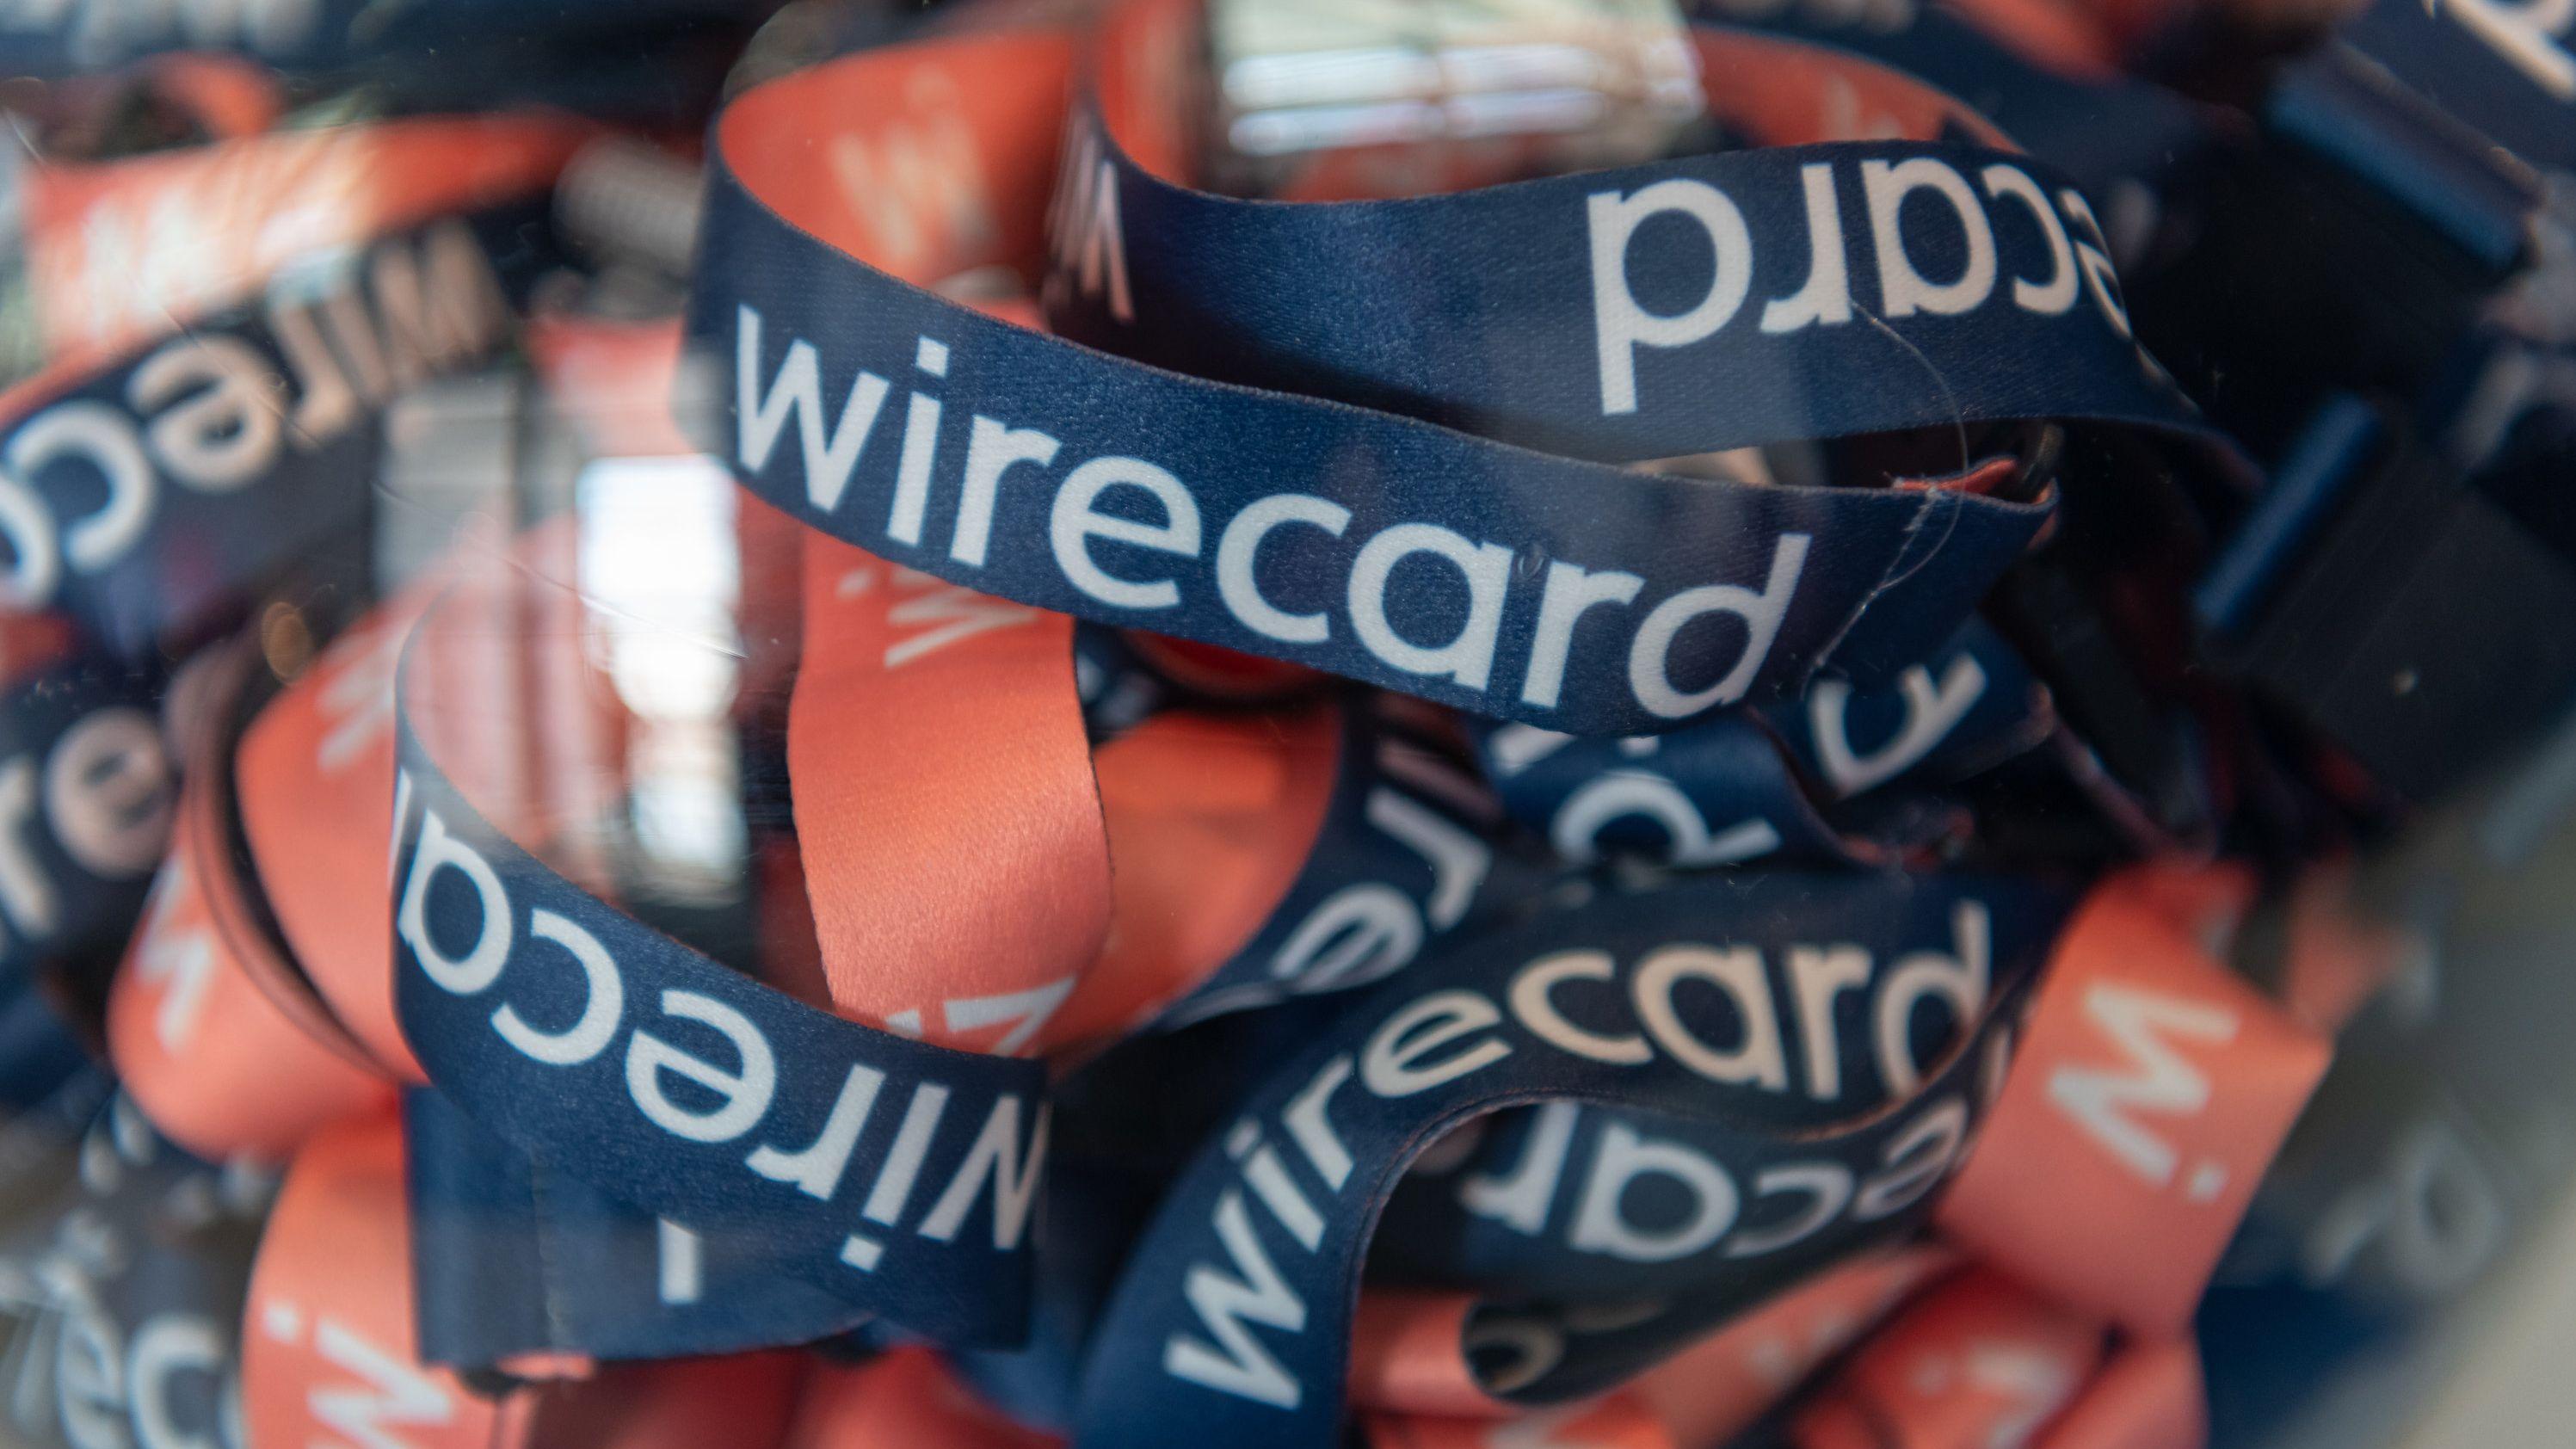 Umhängebändchen mit der Aufschrift «wirecard» liegen während der Wirecard - Hauptversammlung 2019 in einem Glasbehälter.